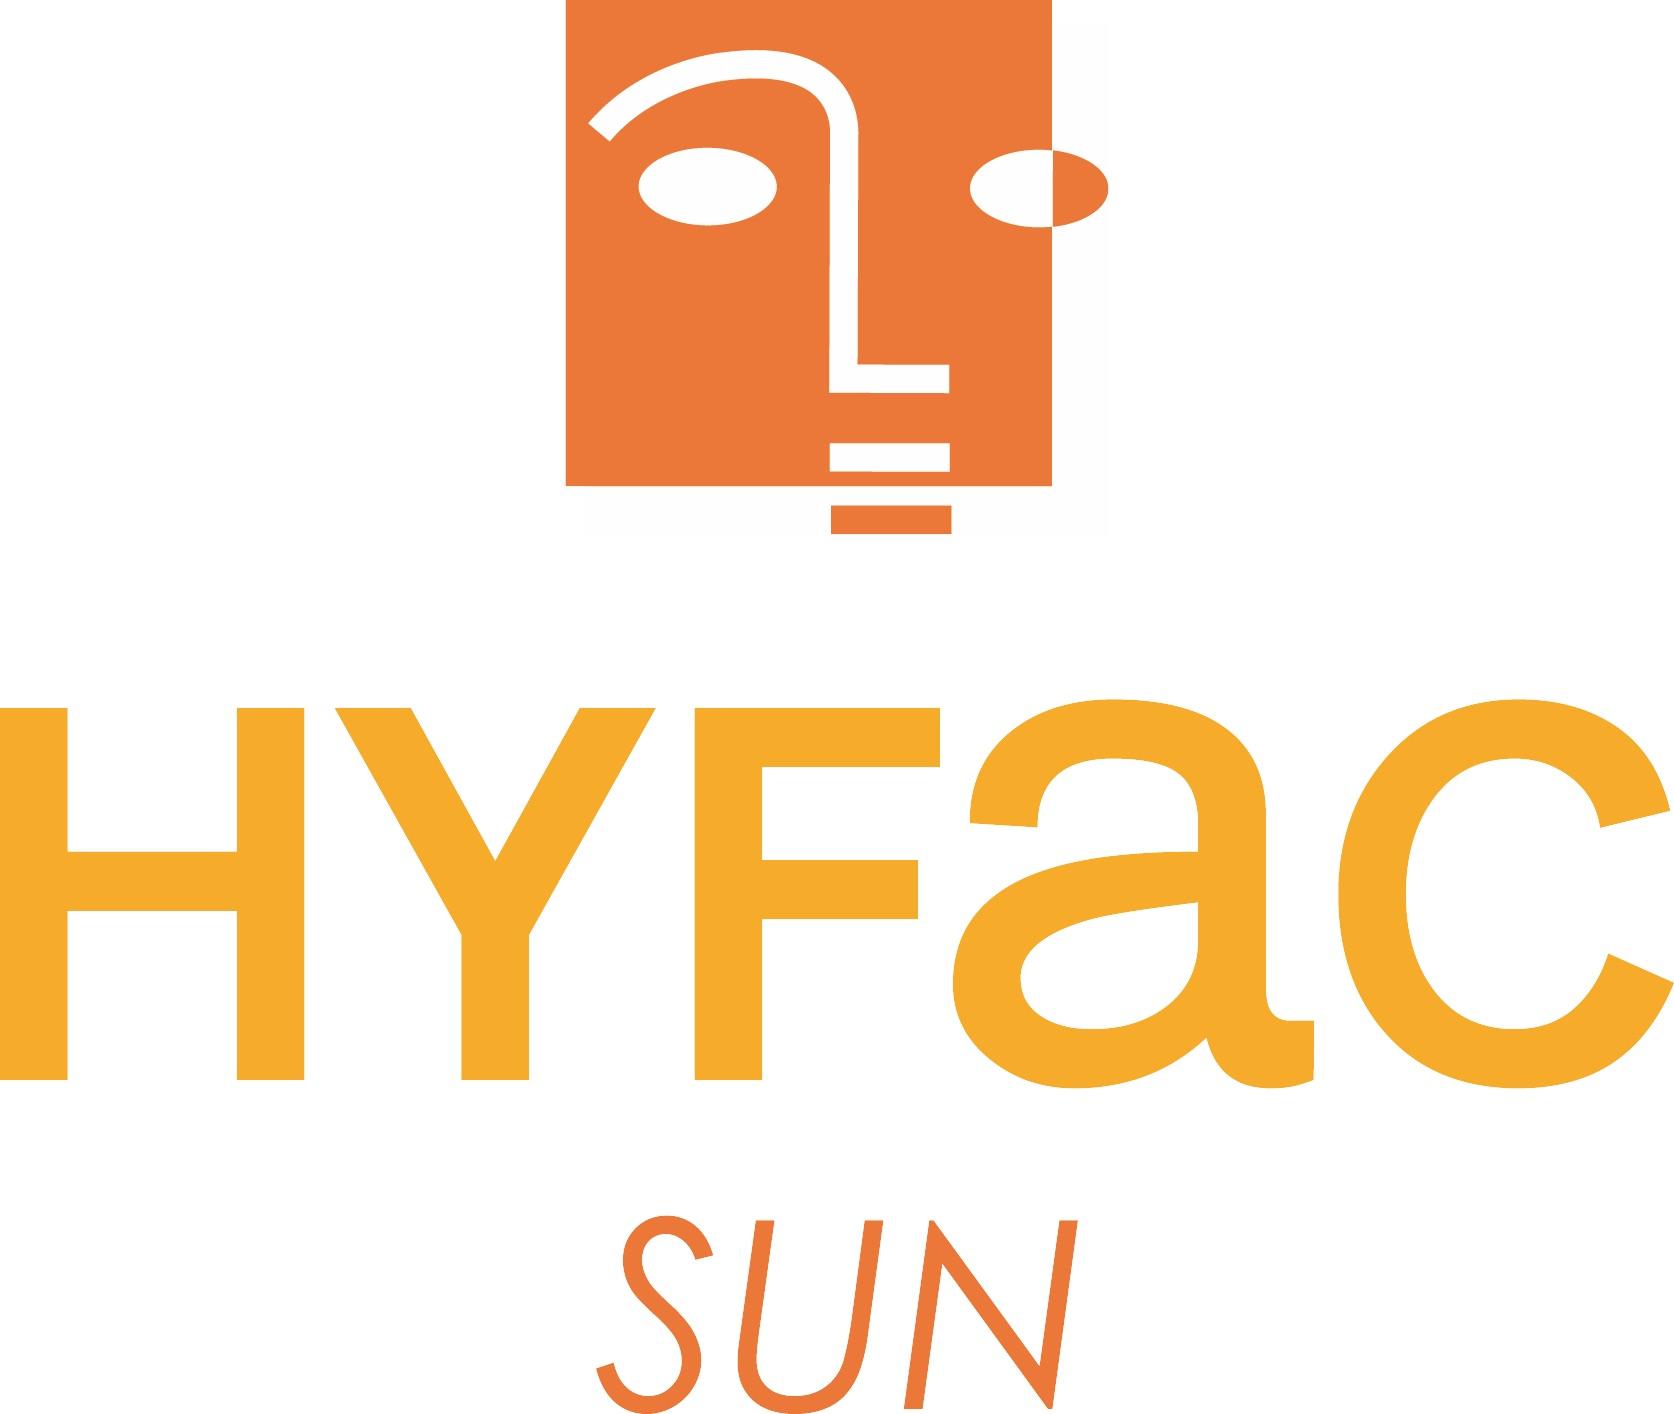 солнечный логотип hyfac